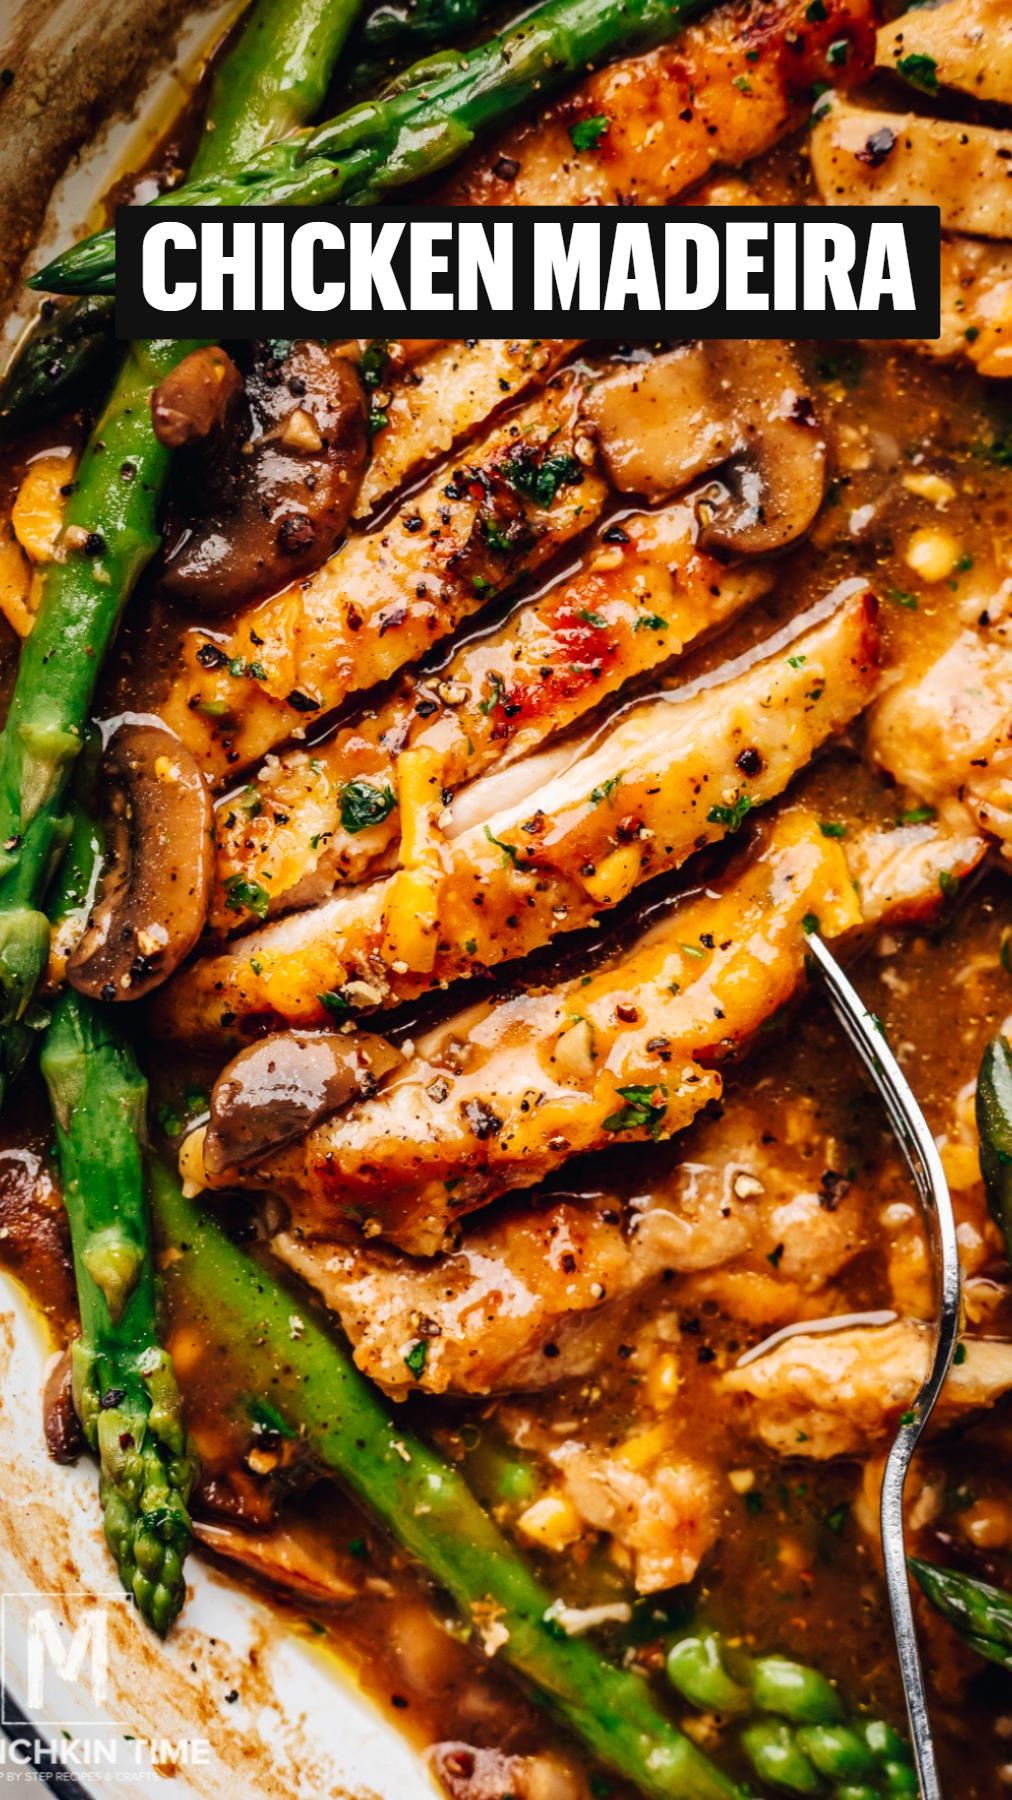 Chicken Madeira